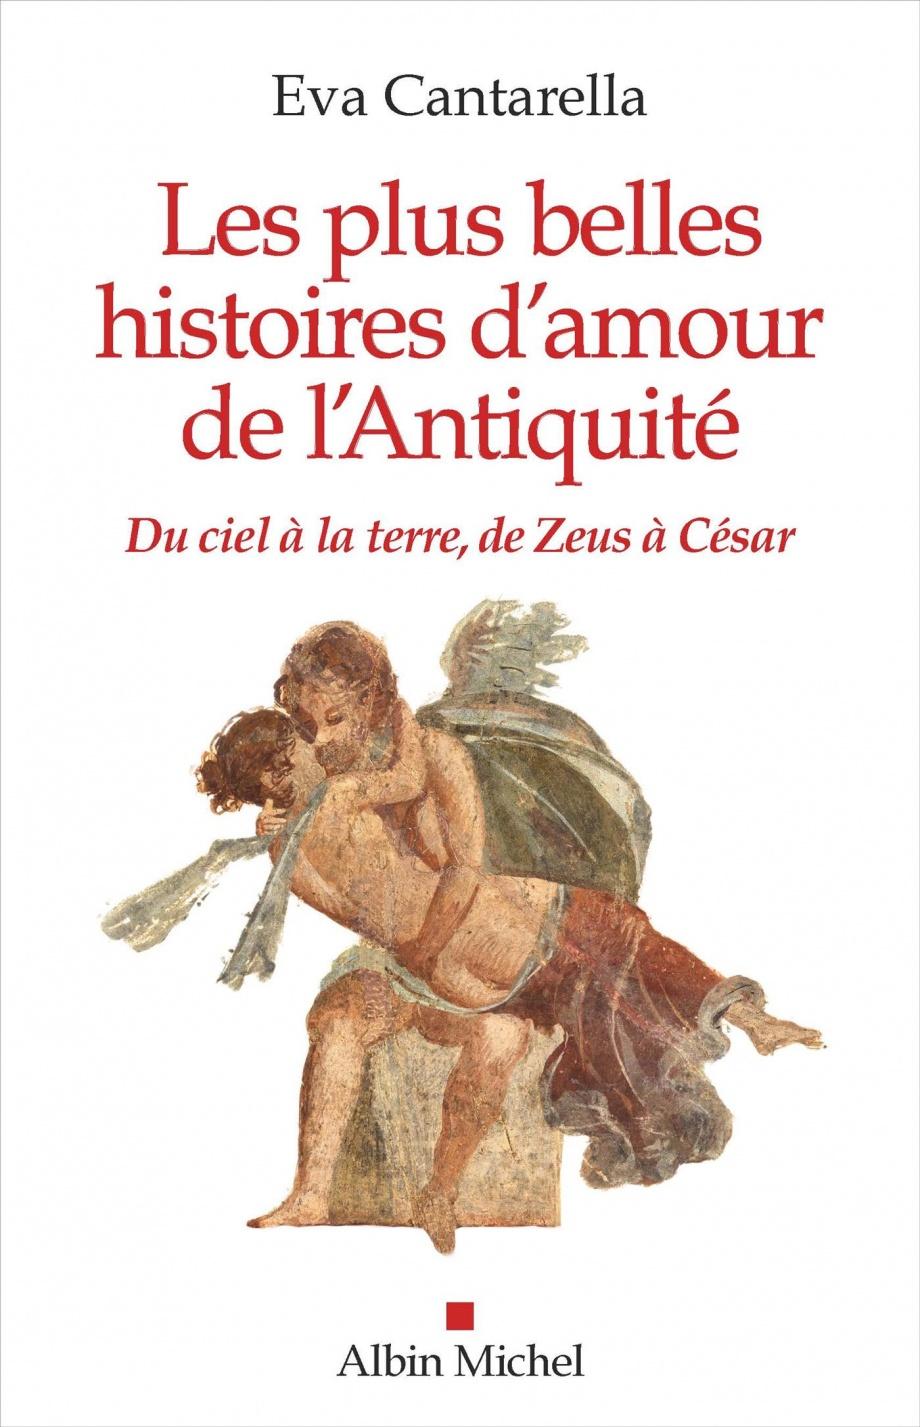 Les Plus Belles Histoires D Amour : belles, histoires, amour, Belles, Histoires, D'amour, L'Antiquité, Cantarella, Leslibraires.ca